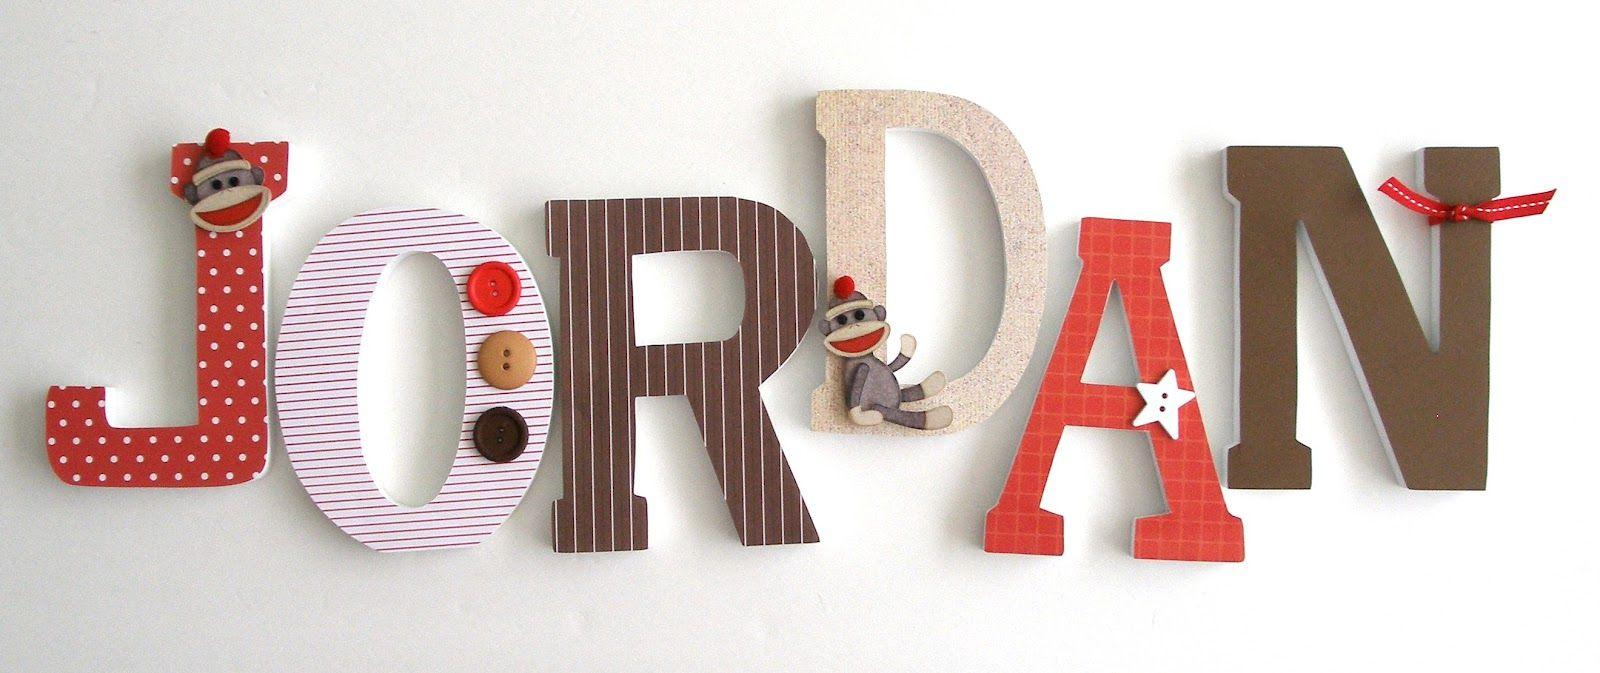 Sock monkey nursery letters - Google Search | Nursery name ...